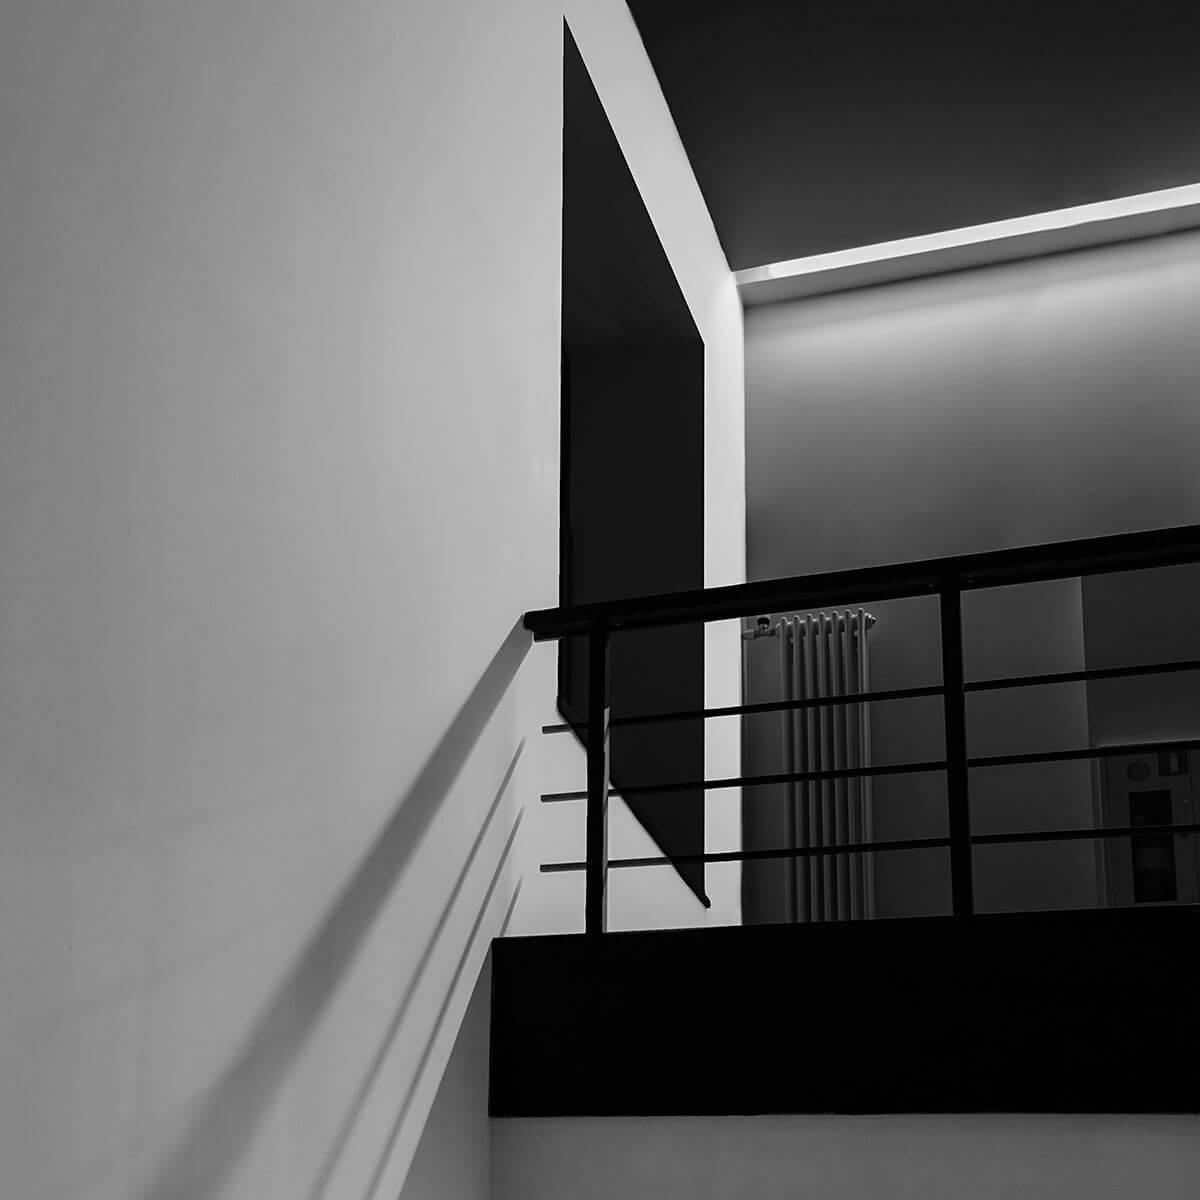 Камилла Ханапова, Россия / Kamilla Hanapova, Russia, Победитель категории «Архитектура», Фотоконкурс Hasselblad Masters